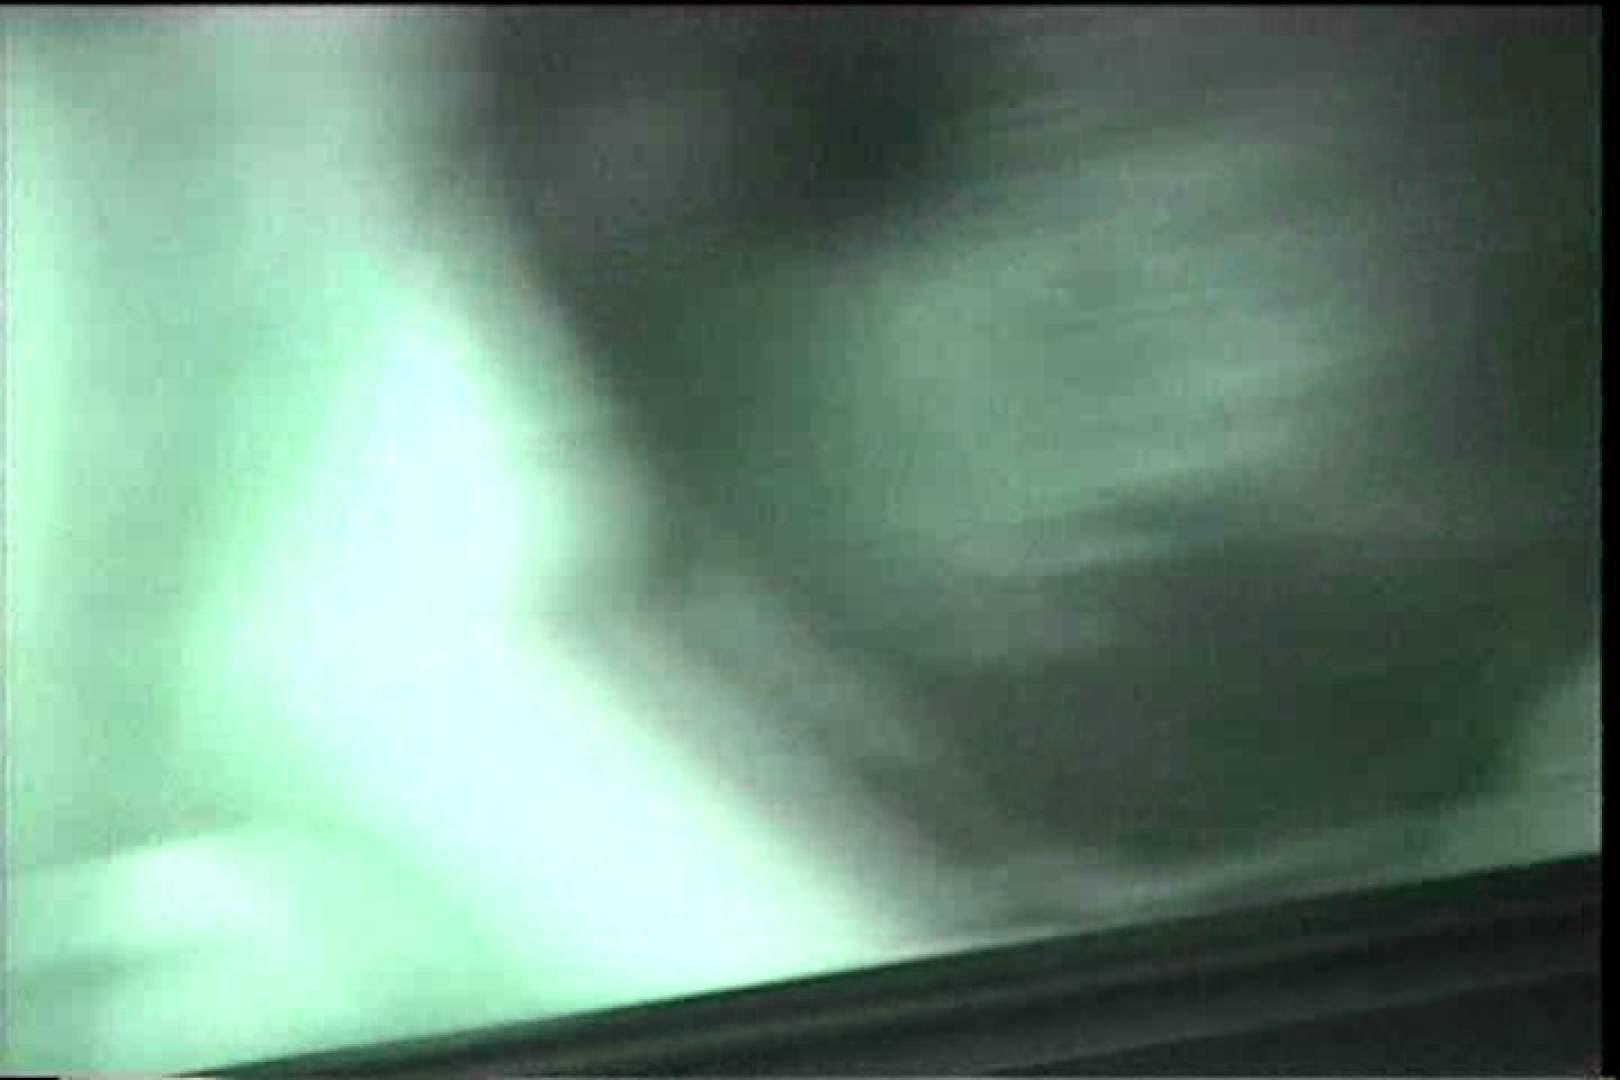 カーセックス未編集・無修正版 Vol.10 車 エロ無料画像 99PICs 64